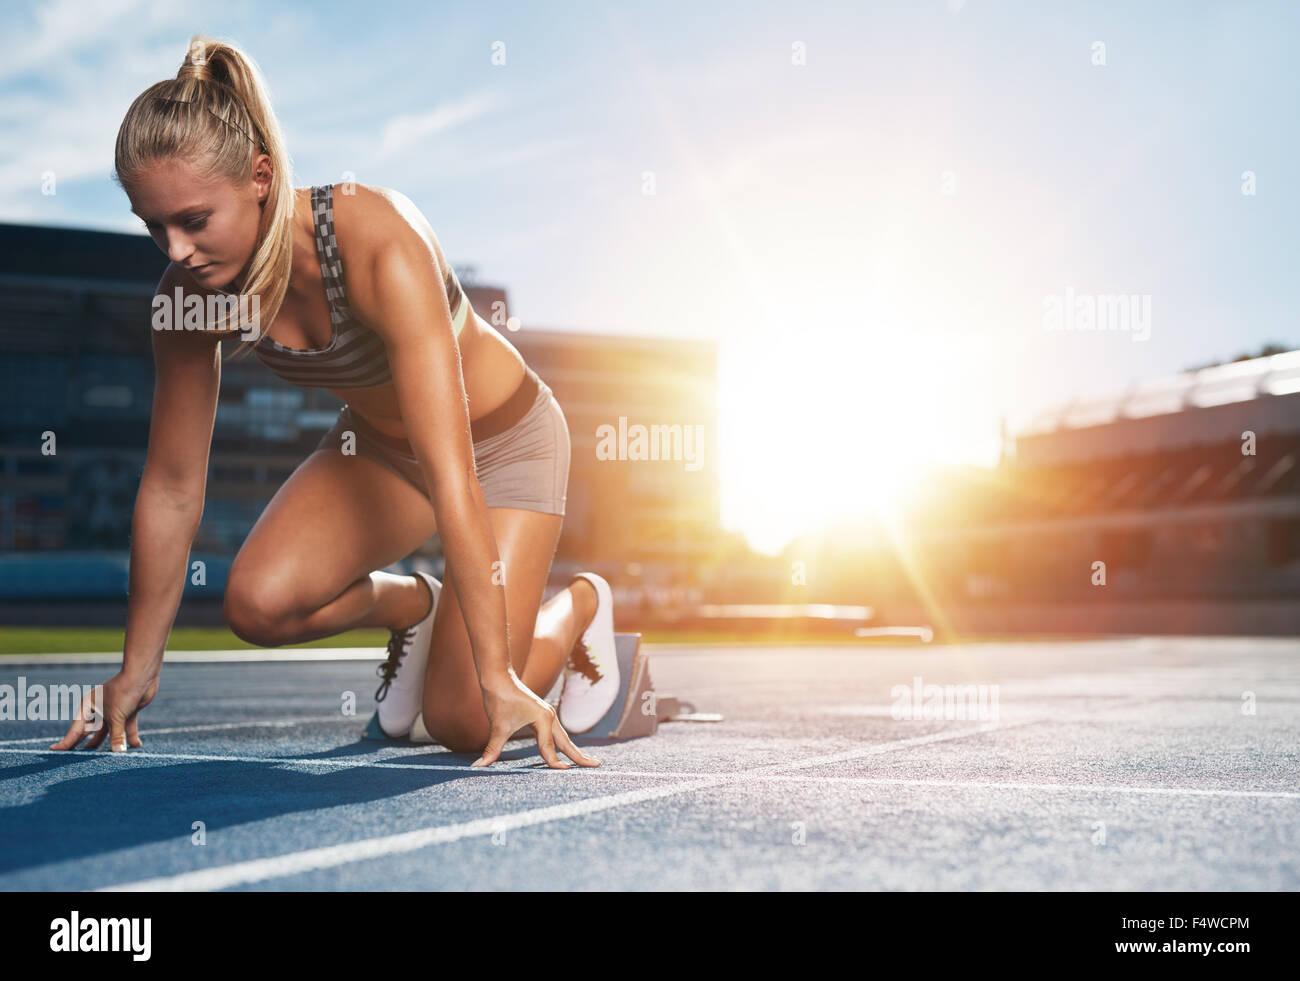 Joven atleta en posición inicial listo para comenzar una carrera. Velocista listo para el ejercicio de deportes Imagen De Stock